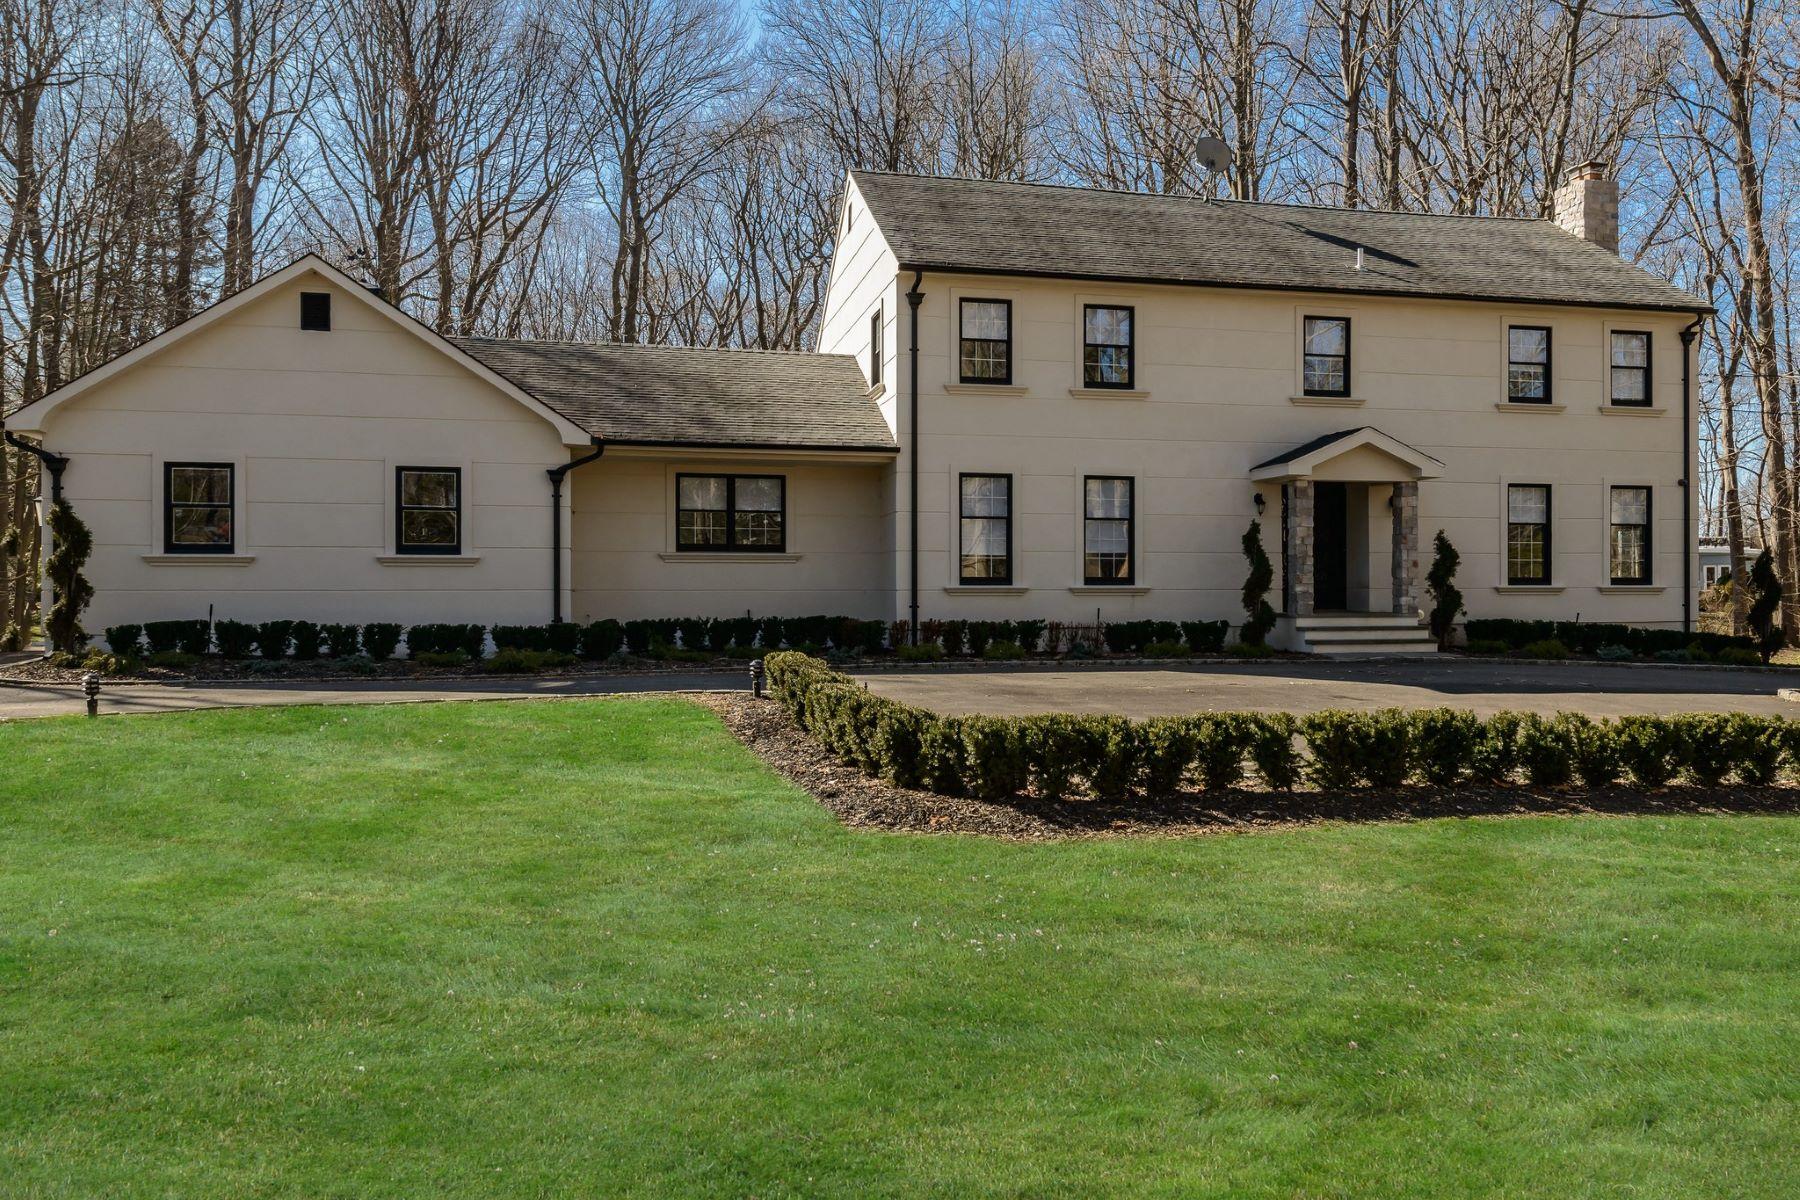 Single Family Homes für Verkauf beim Old Brookville 17 Woodland Ln, Old Brookville, New York 11545 Vereinigte Staaten